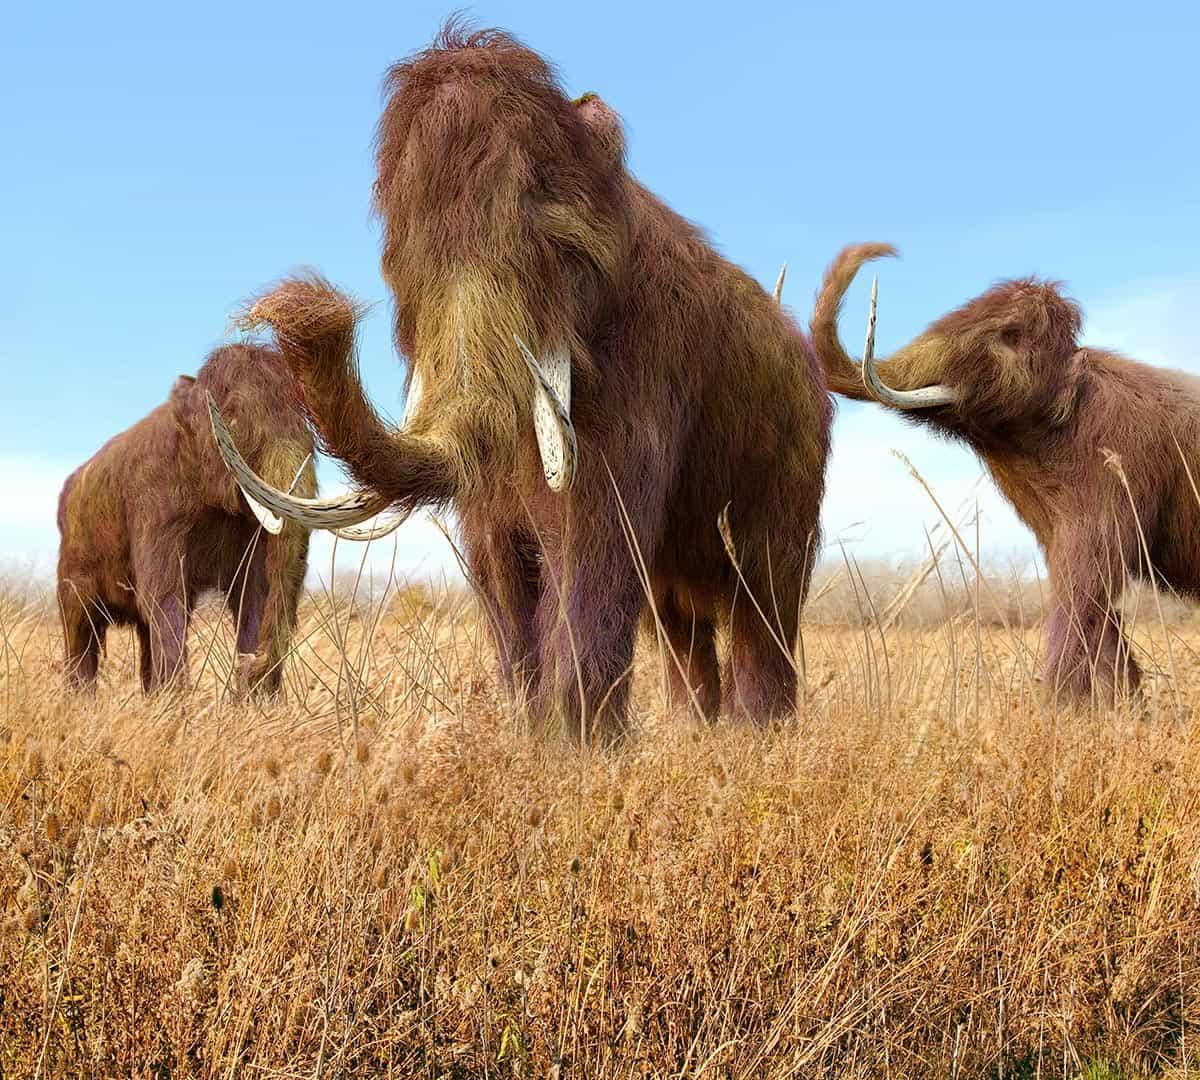 ذكور فيل الماموث الصوفي كانت تتنقل بسرعة وتموت في سن مبكرة